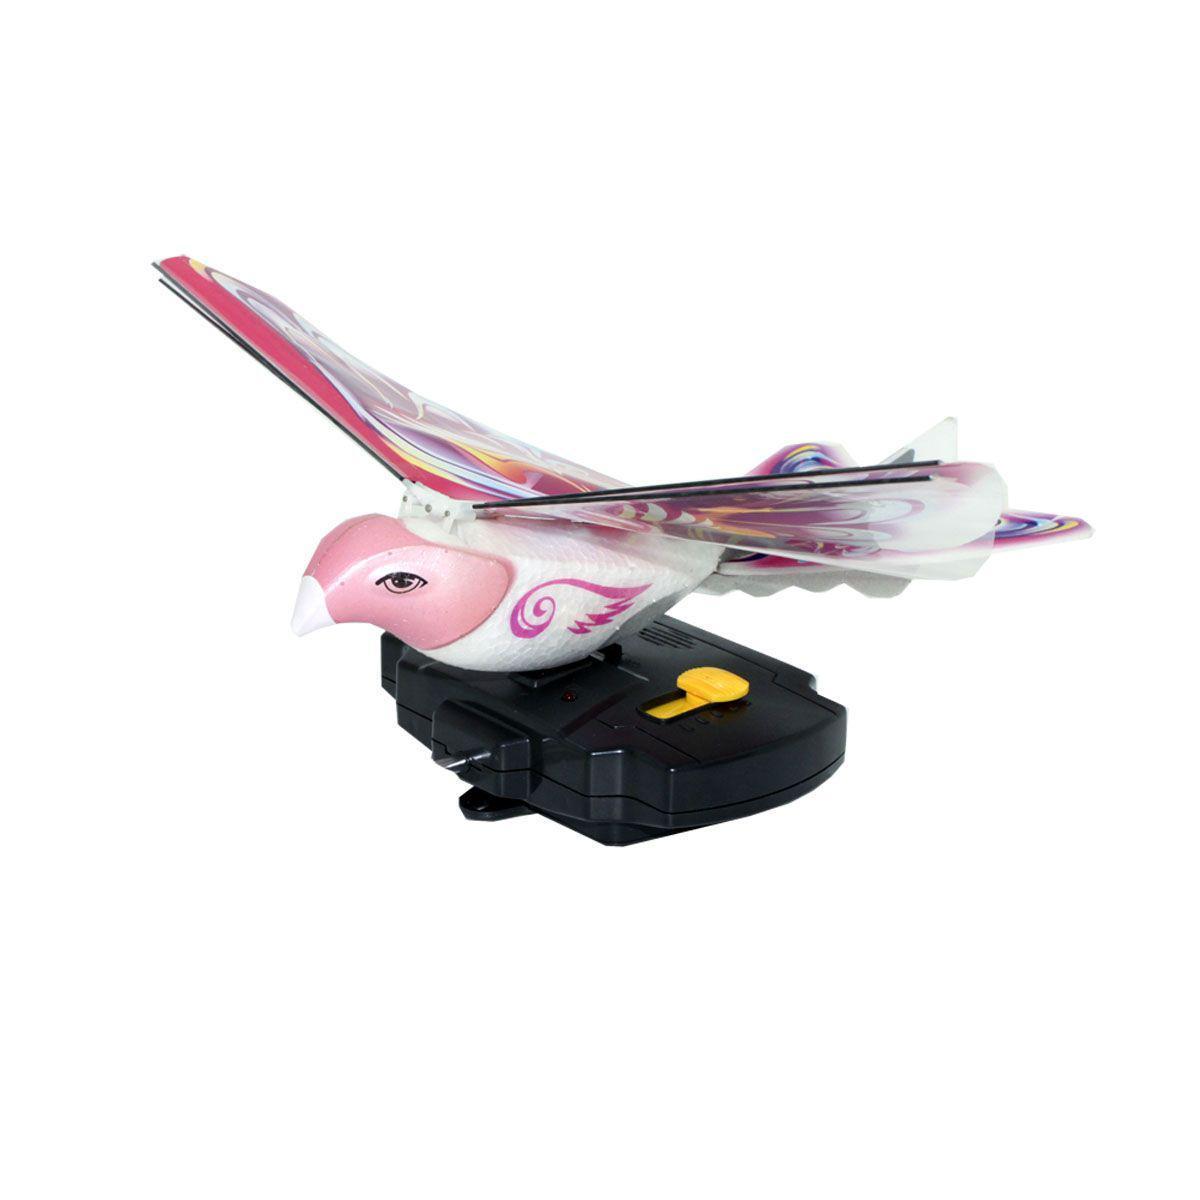 Balbi Игрушка на радиоуправлении Летающая птица цвет розовый ( EB-001-R )